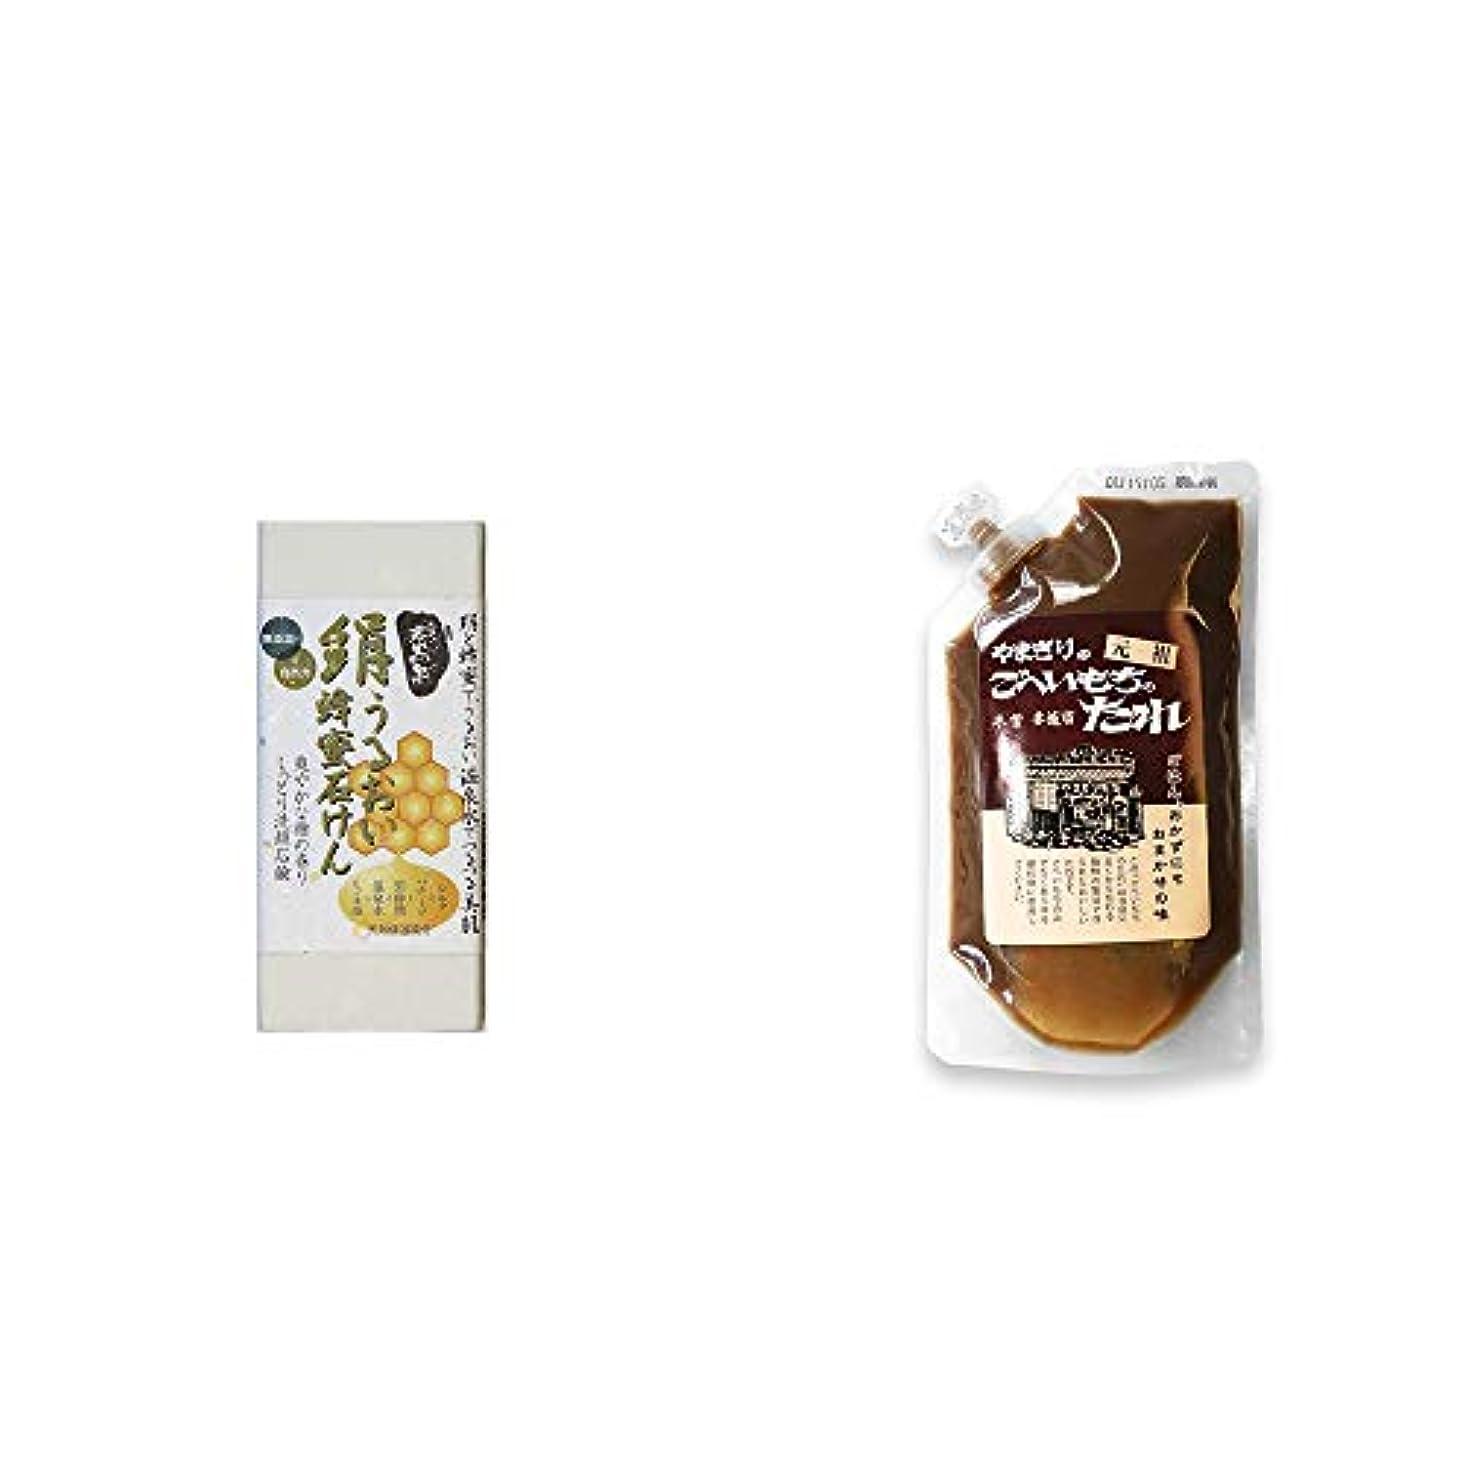 プレーヤーひどいネックレス[2点セット] ひのき炭黒泉 絹うるおい蜂蜜石けん(75g×2)?妻籠宿 やまぎり食堂 ごへい餅のたれ(250g)